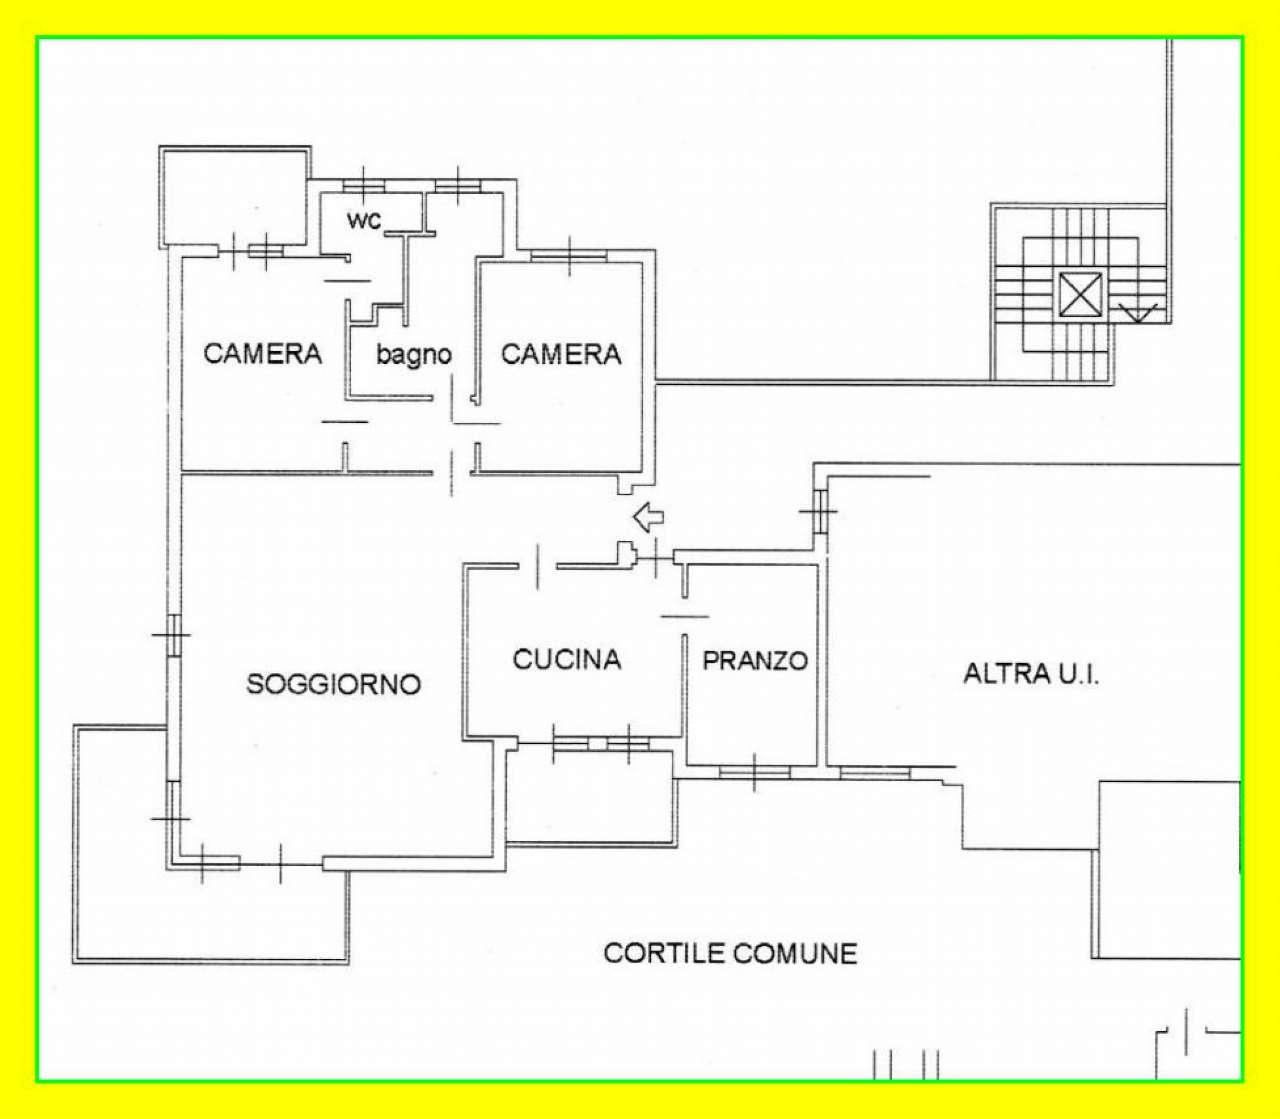 Appartamento in vendita a Pino Torinese, 5 locali, prezzo € 335.000 | CambioCasa.it